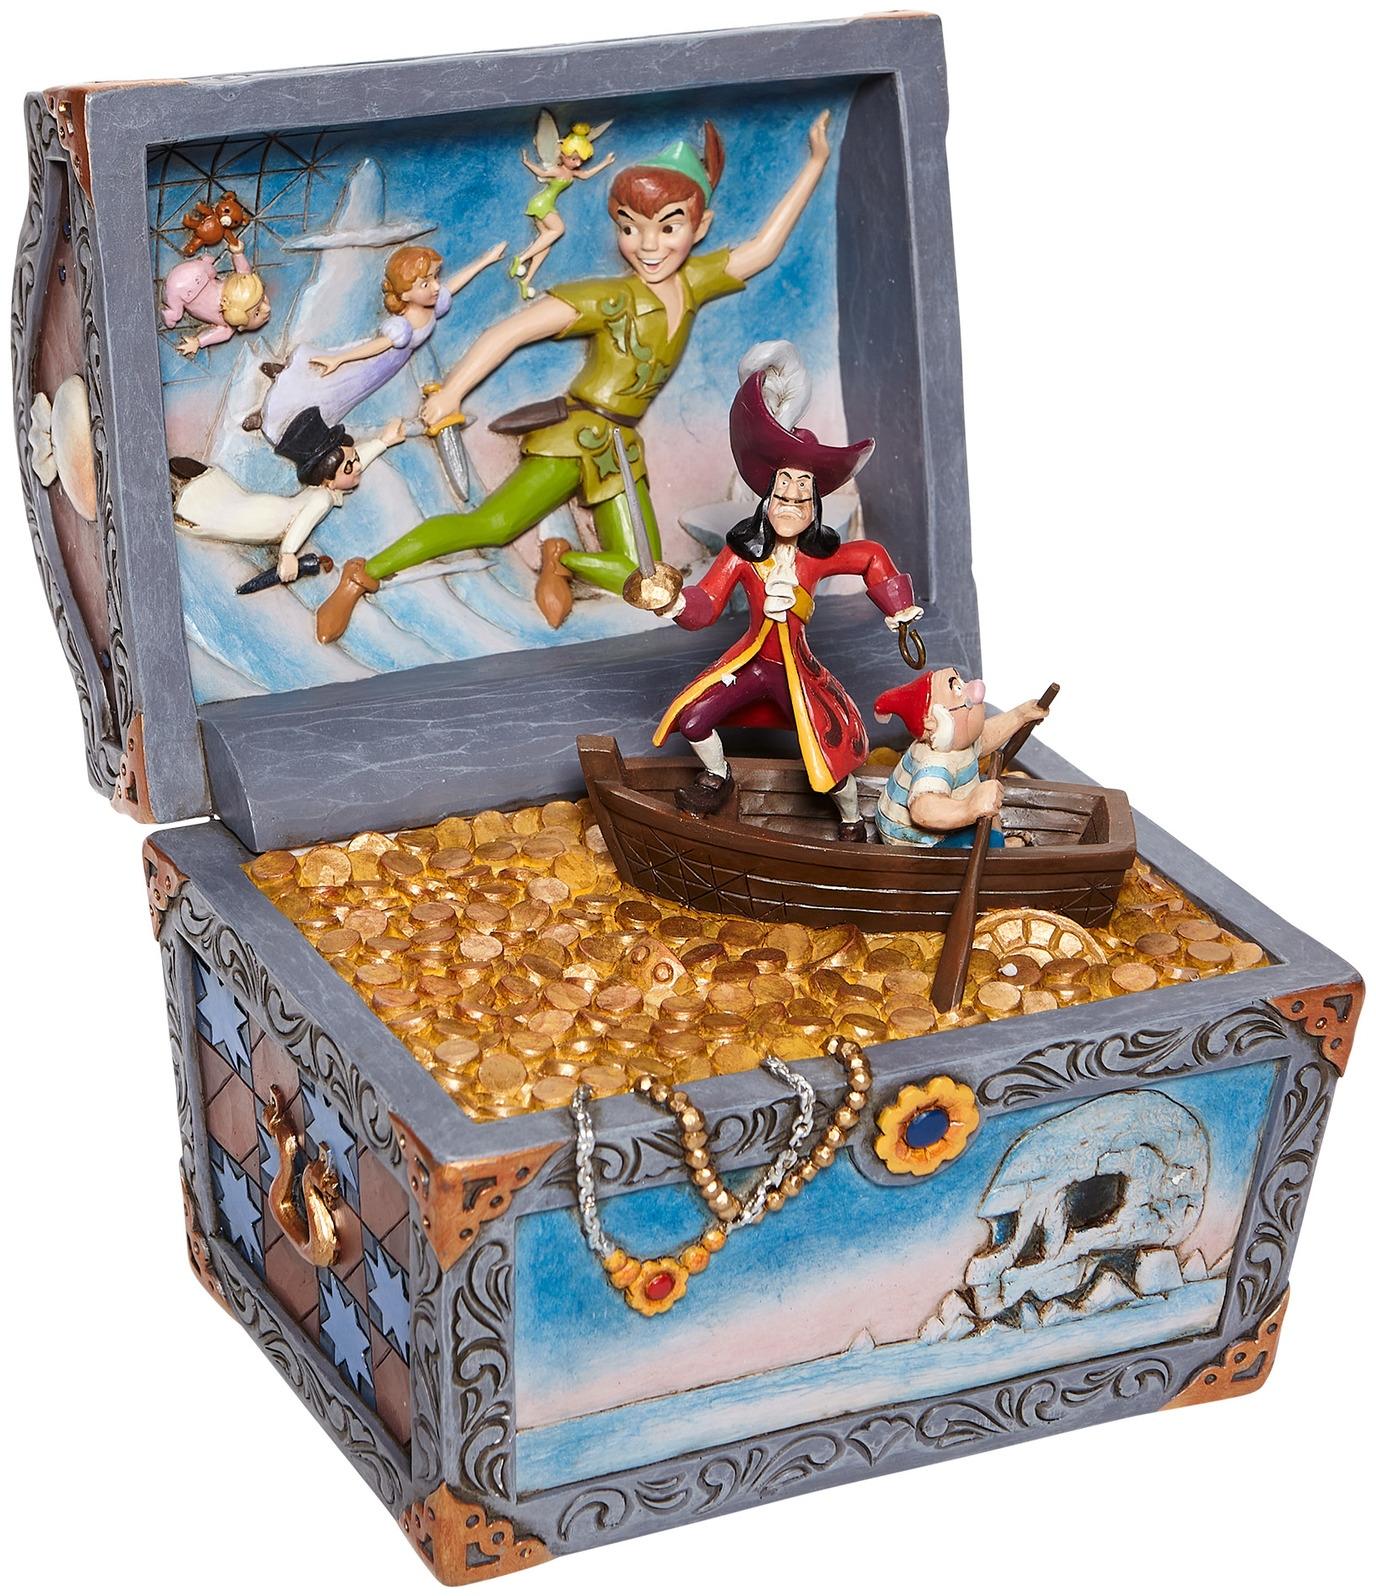 Jim Shore Disney 6008063 Peter Pan Treasure Chest Figurine